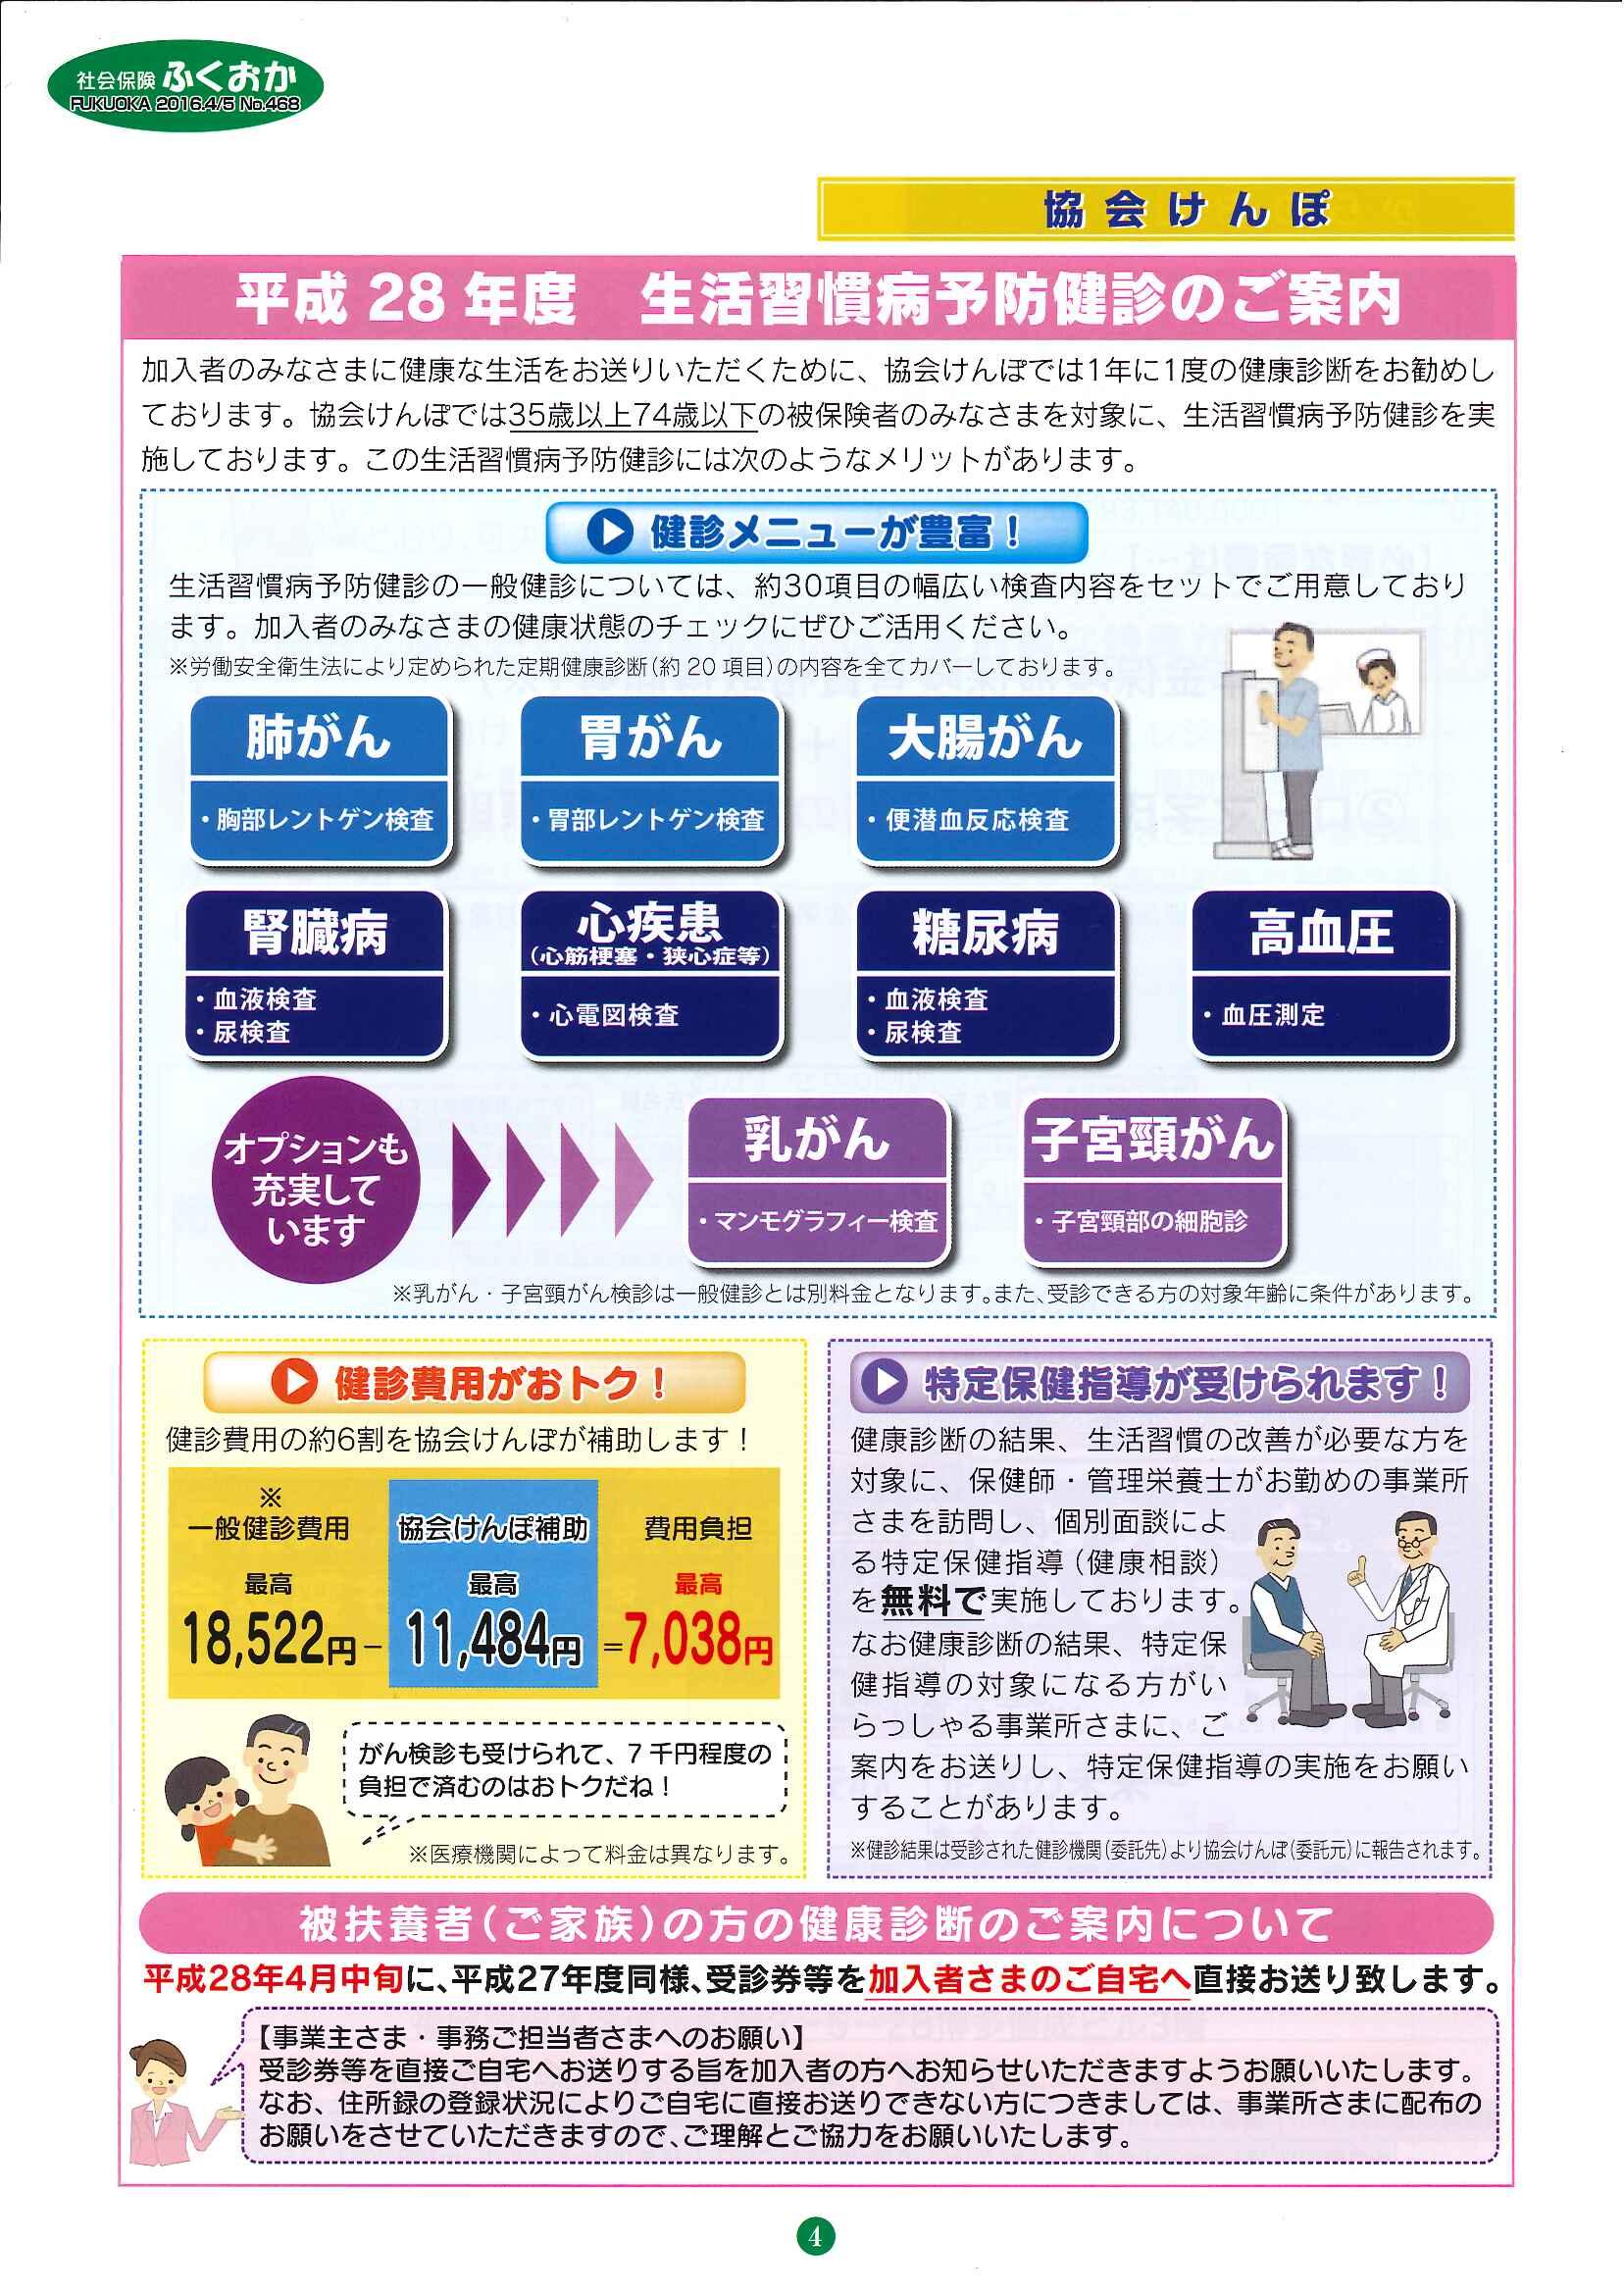 社会保険 ふくおか 2016年4・5月号_f0120774_13331836.jpg